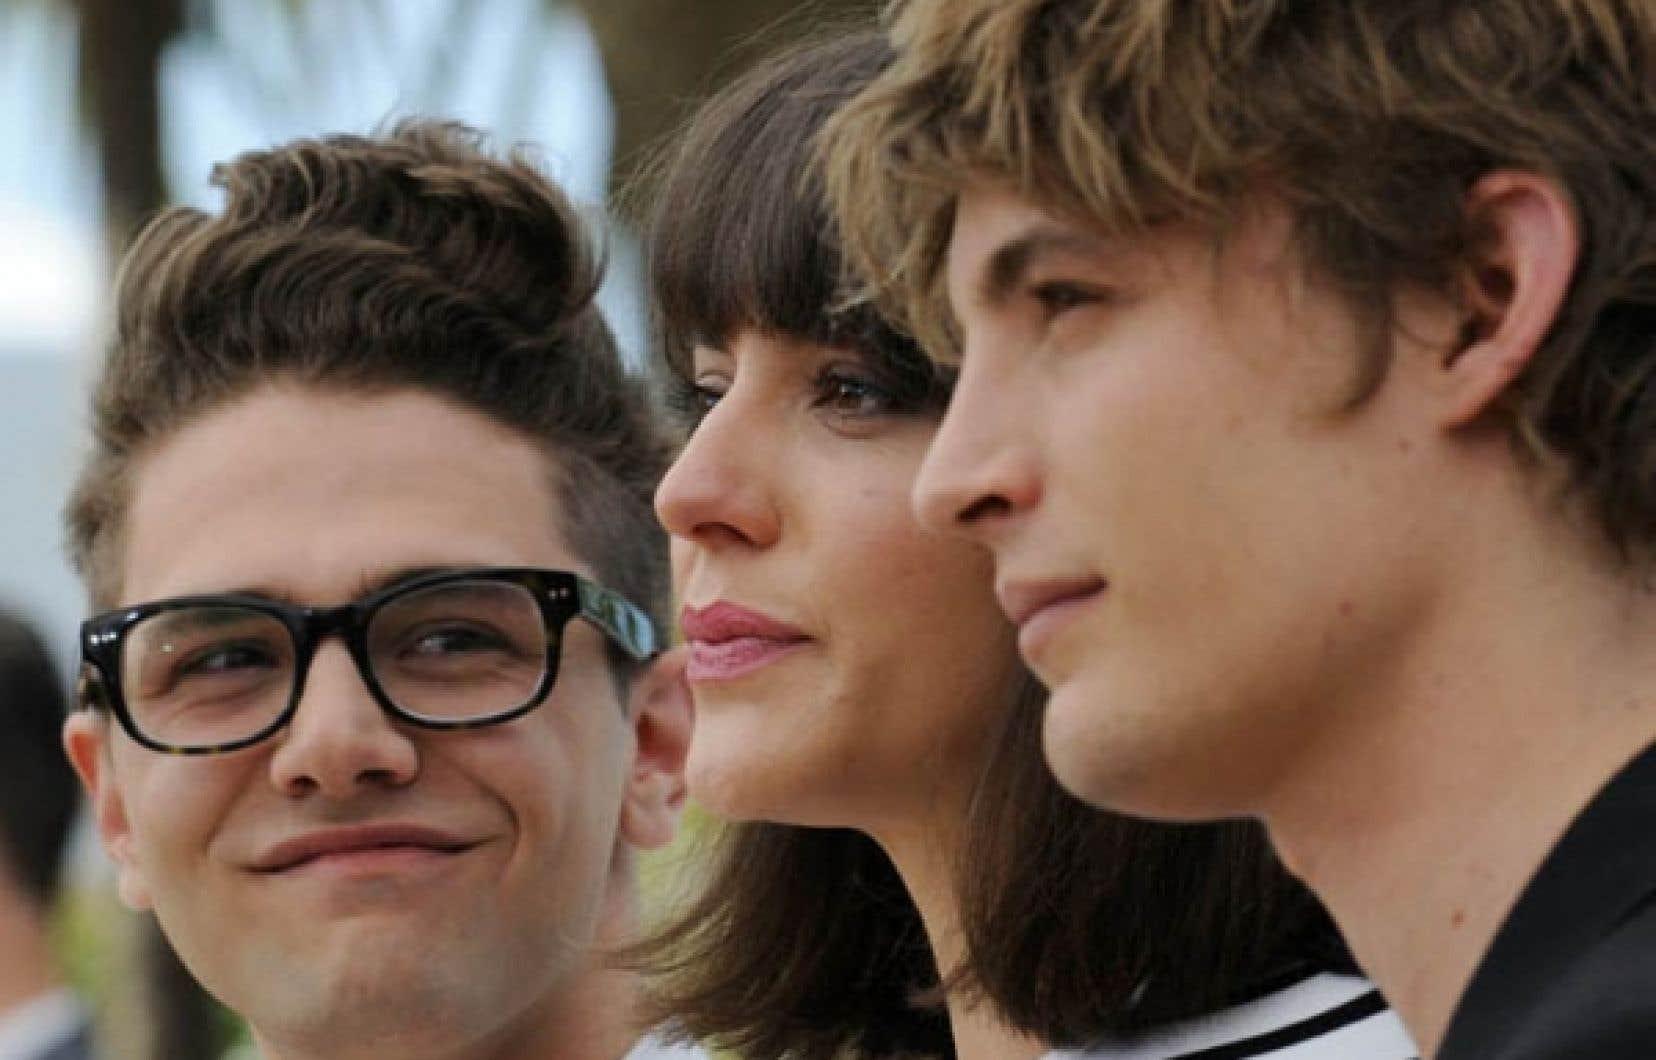 Le réalisateur Xavier Dolan et les acteurs Monia Chokri et Niels Schneider réunis pour la séance photographique tenue à l'occasion de la présentation du film Les Amours imaginaires, samedi, à Cannes.